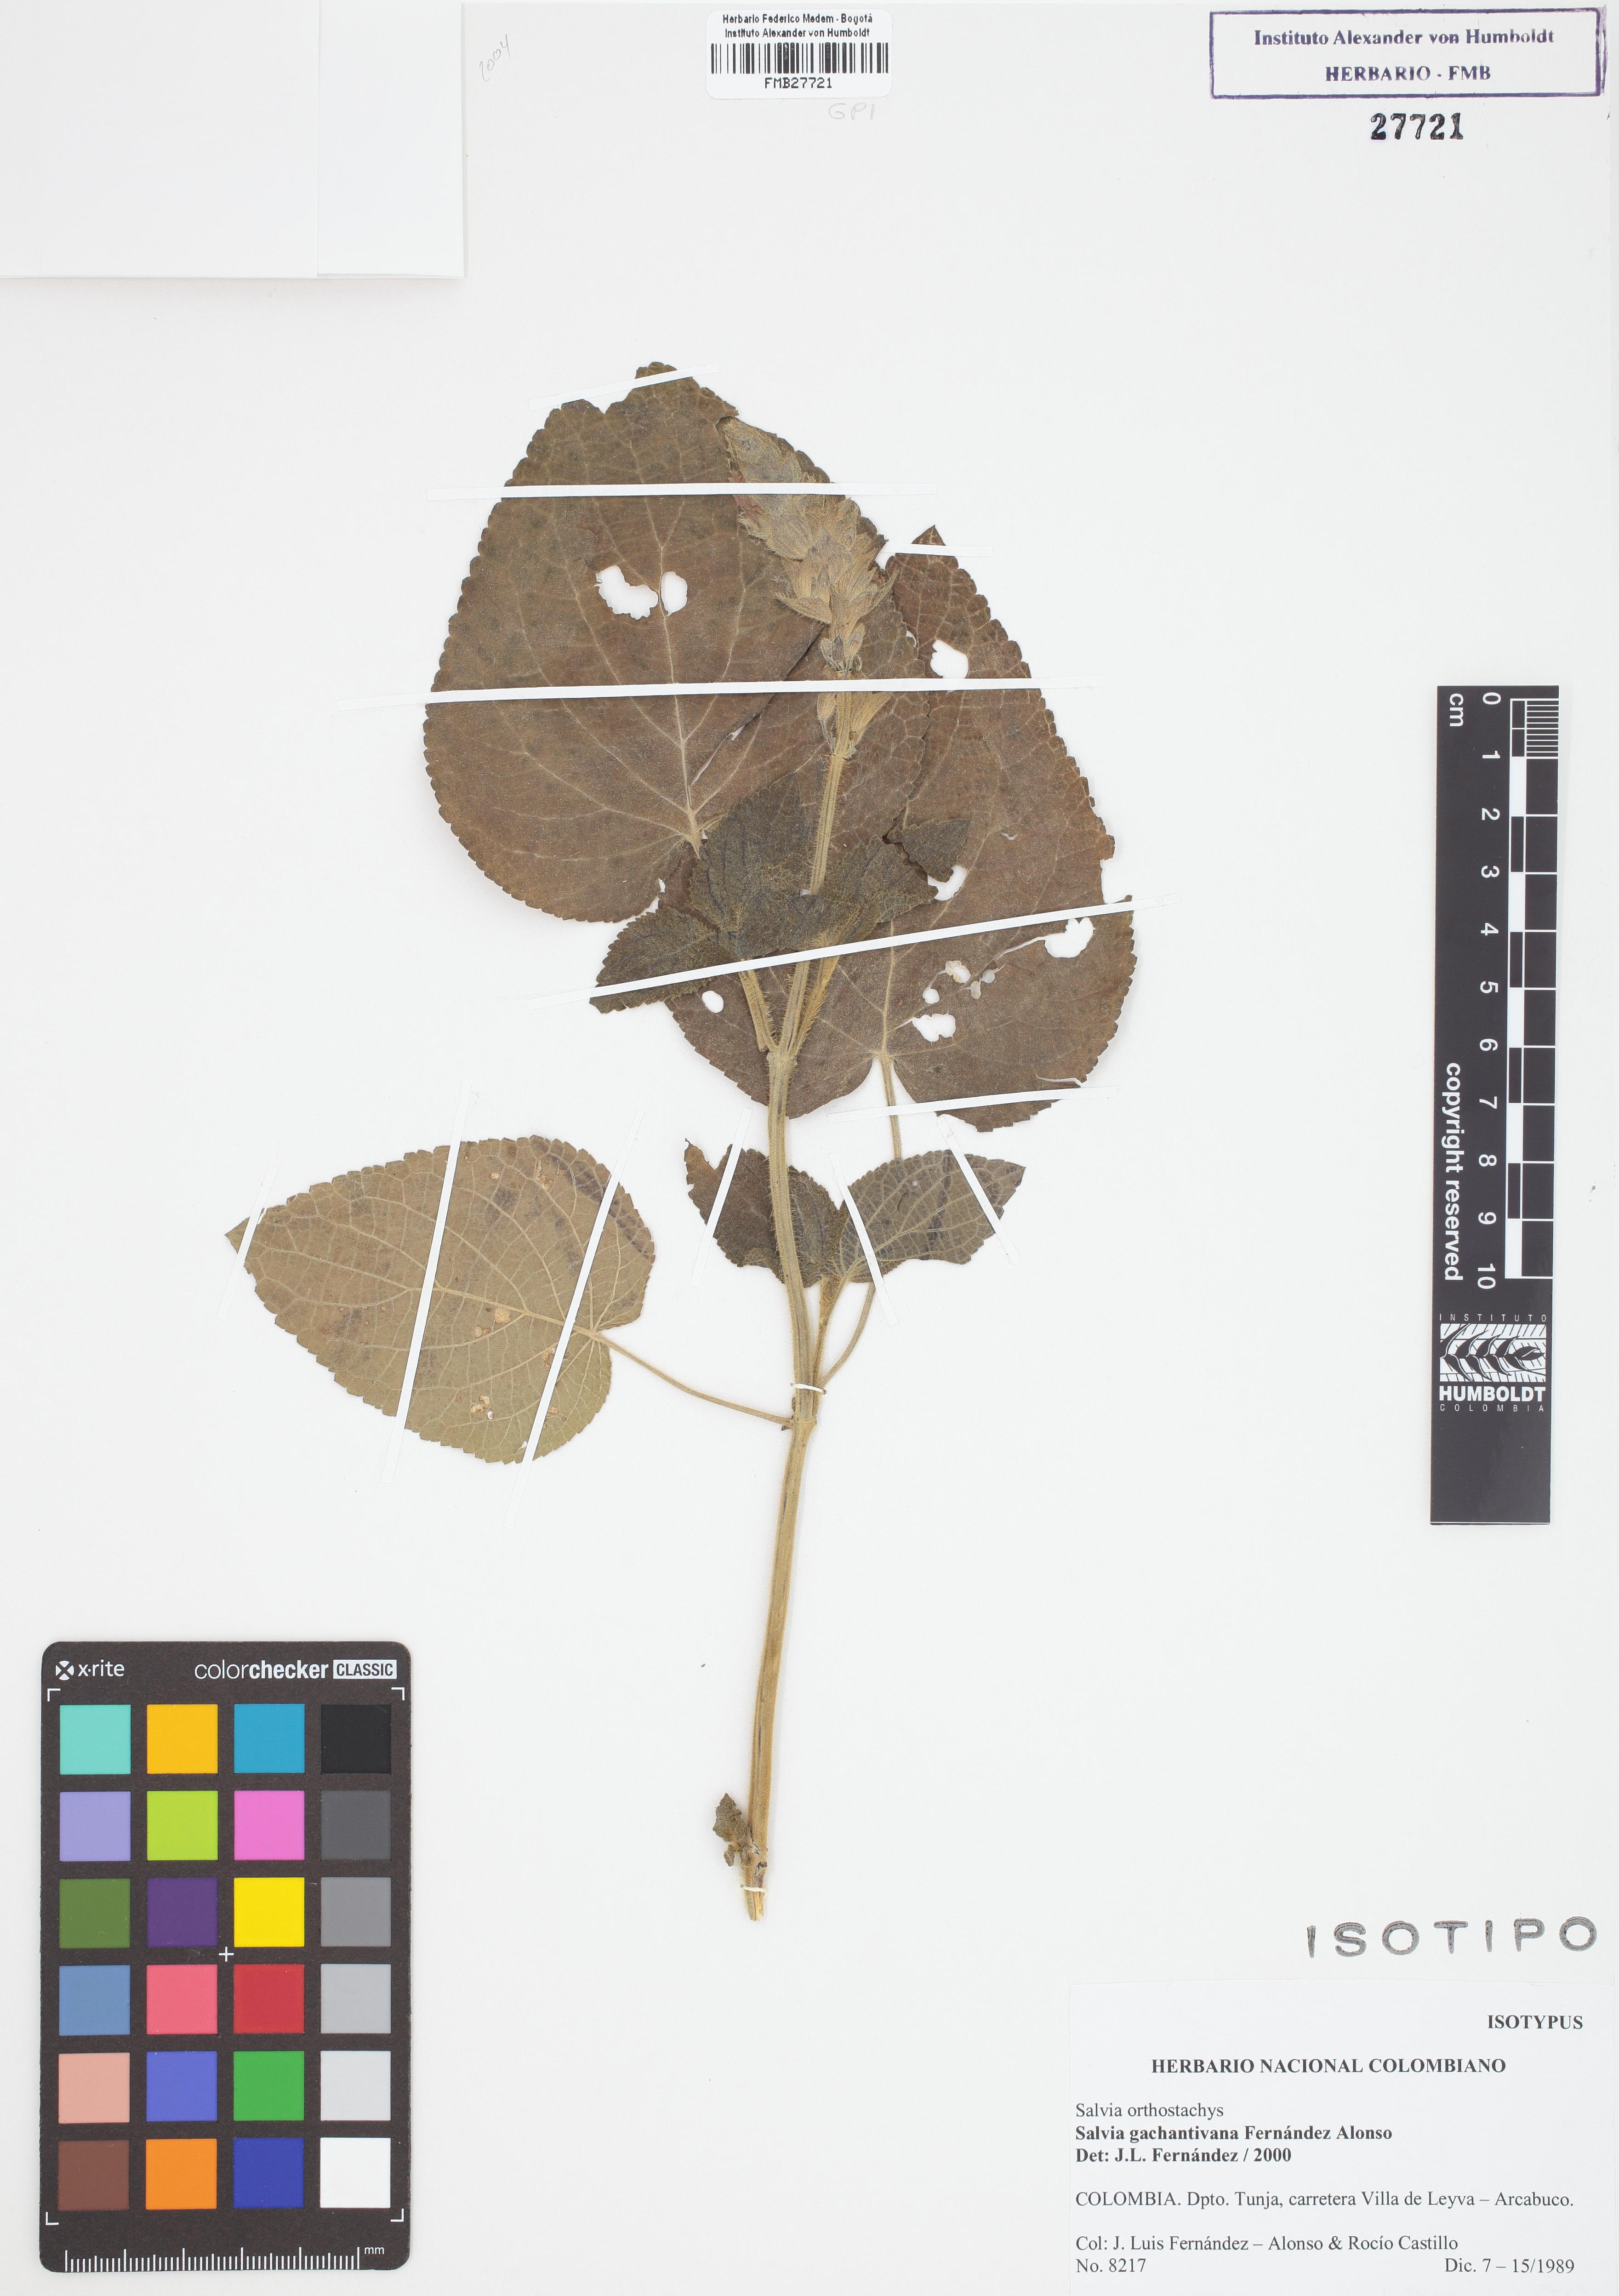 Isotipo de <em>Salvia gachantivana</em> subsp. <em>gachantivana</em>, FMB-27721, Fotografía por Robles A.